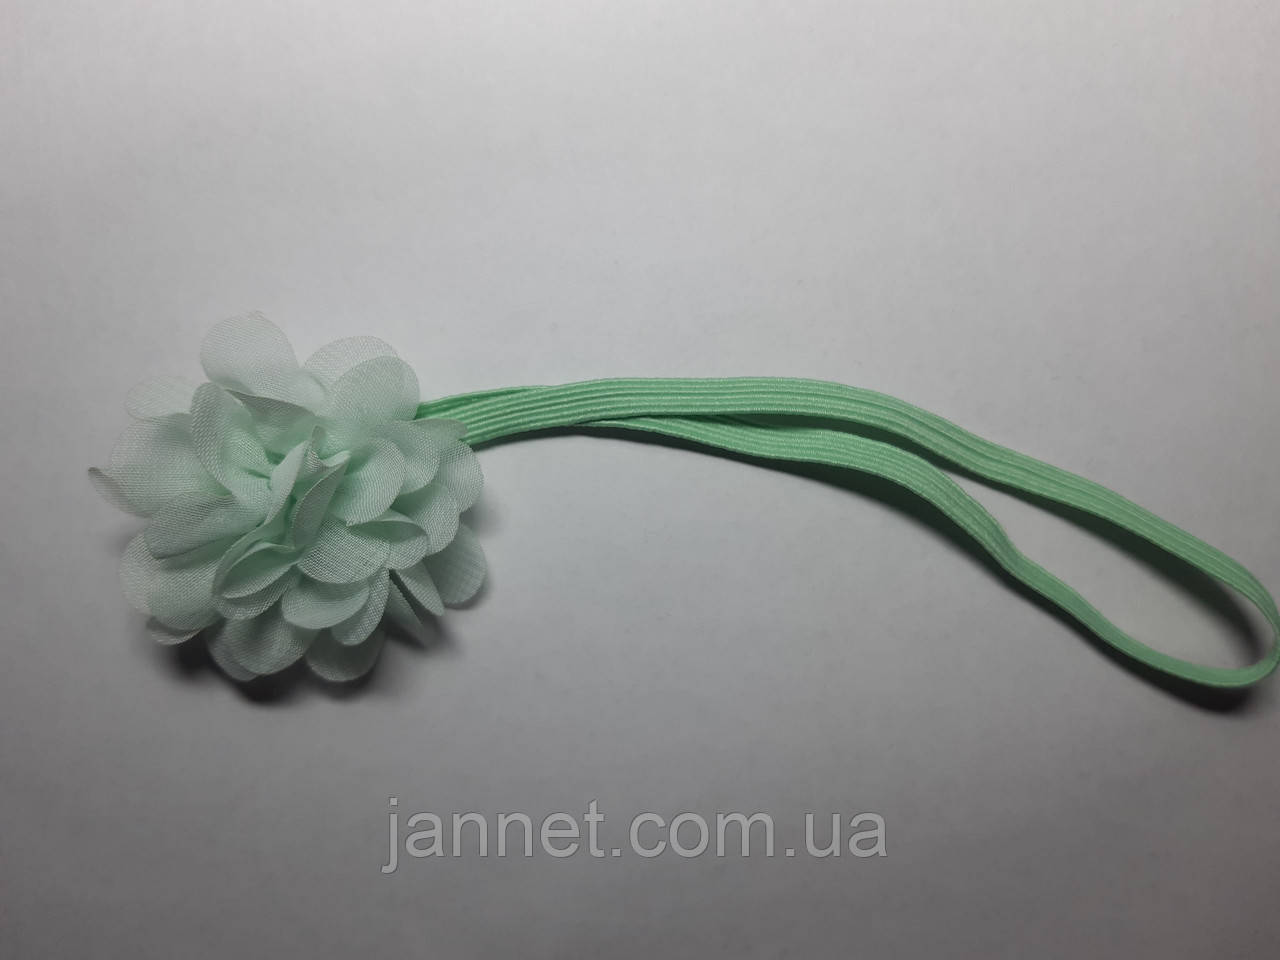 Ментоловая повязка на голову для детей - на 0-3 года, бантик 5см